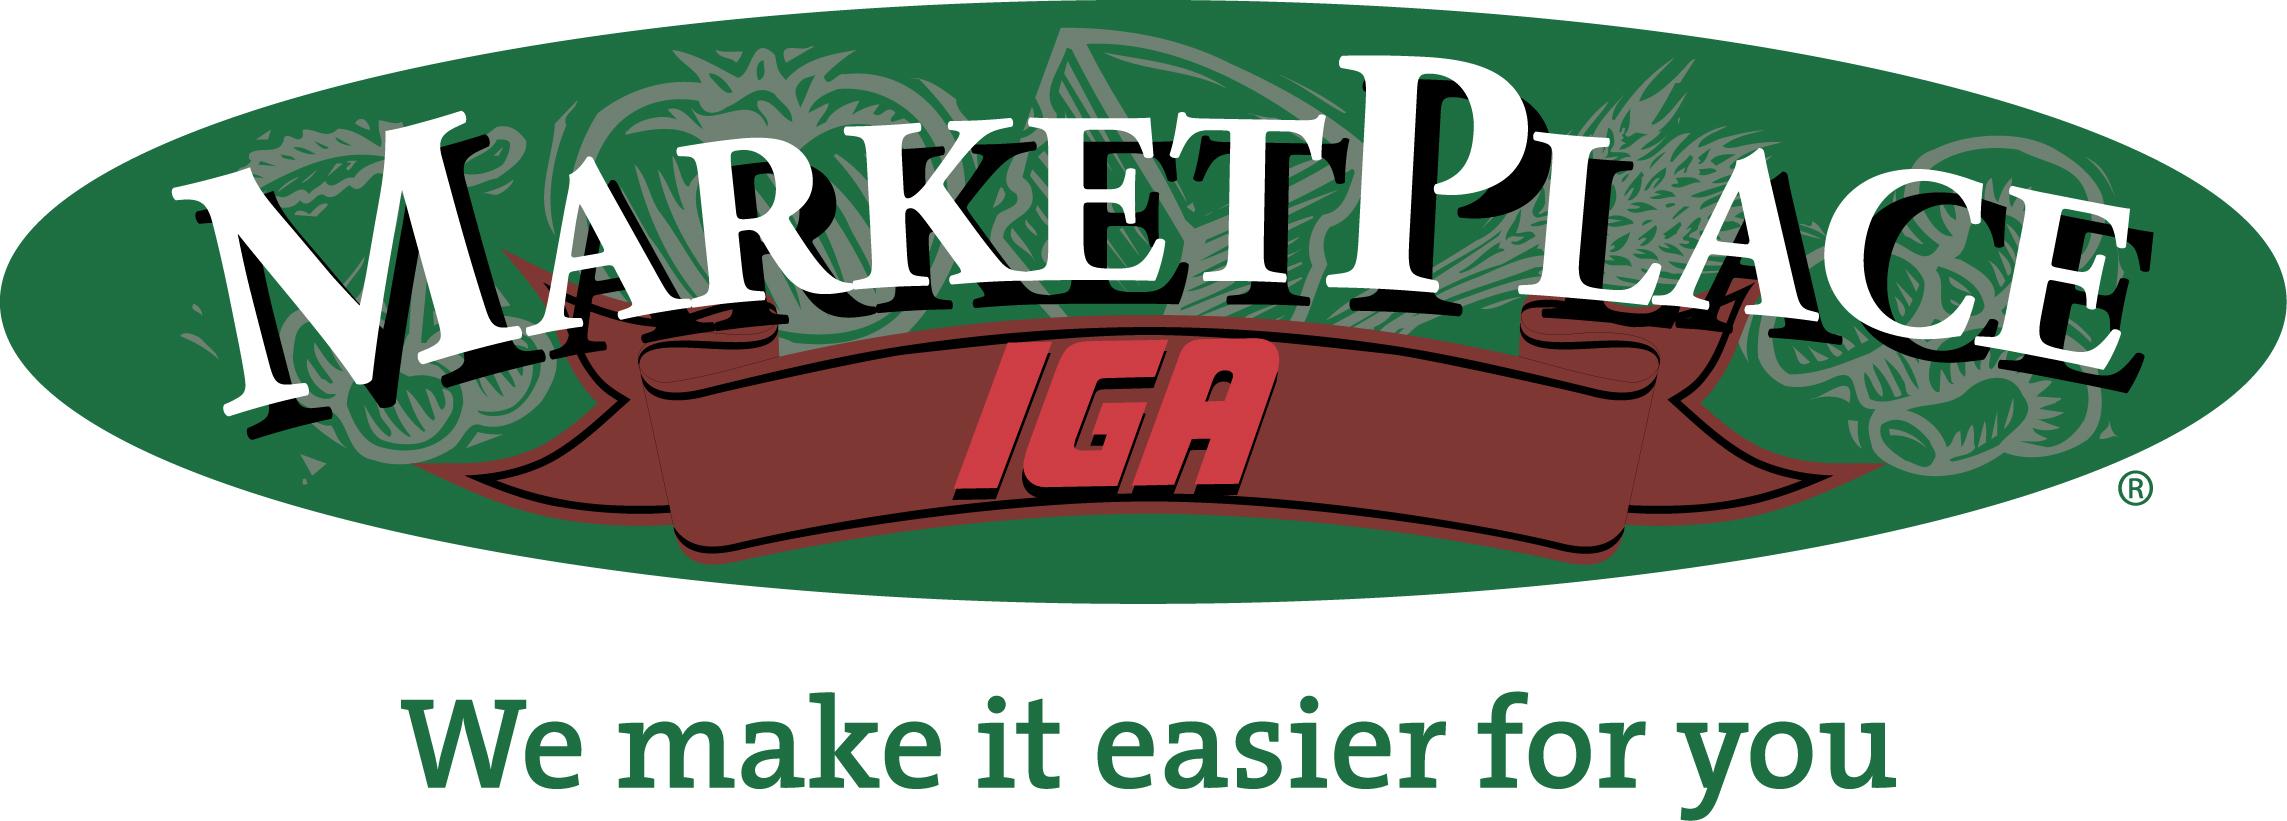 Market Place IGA